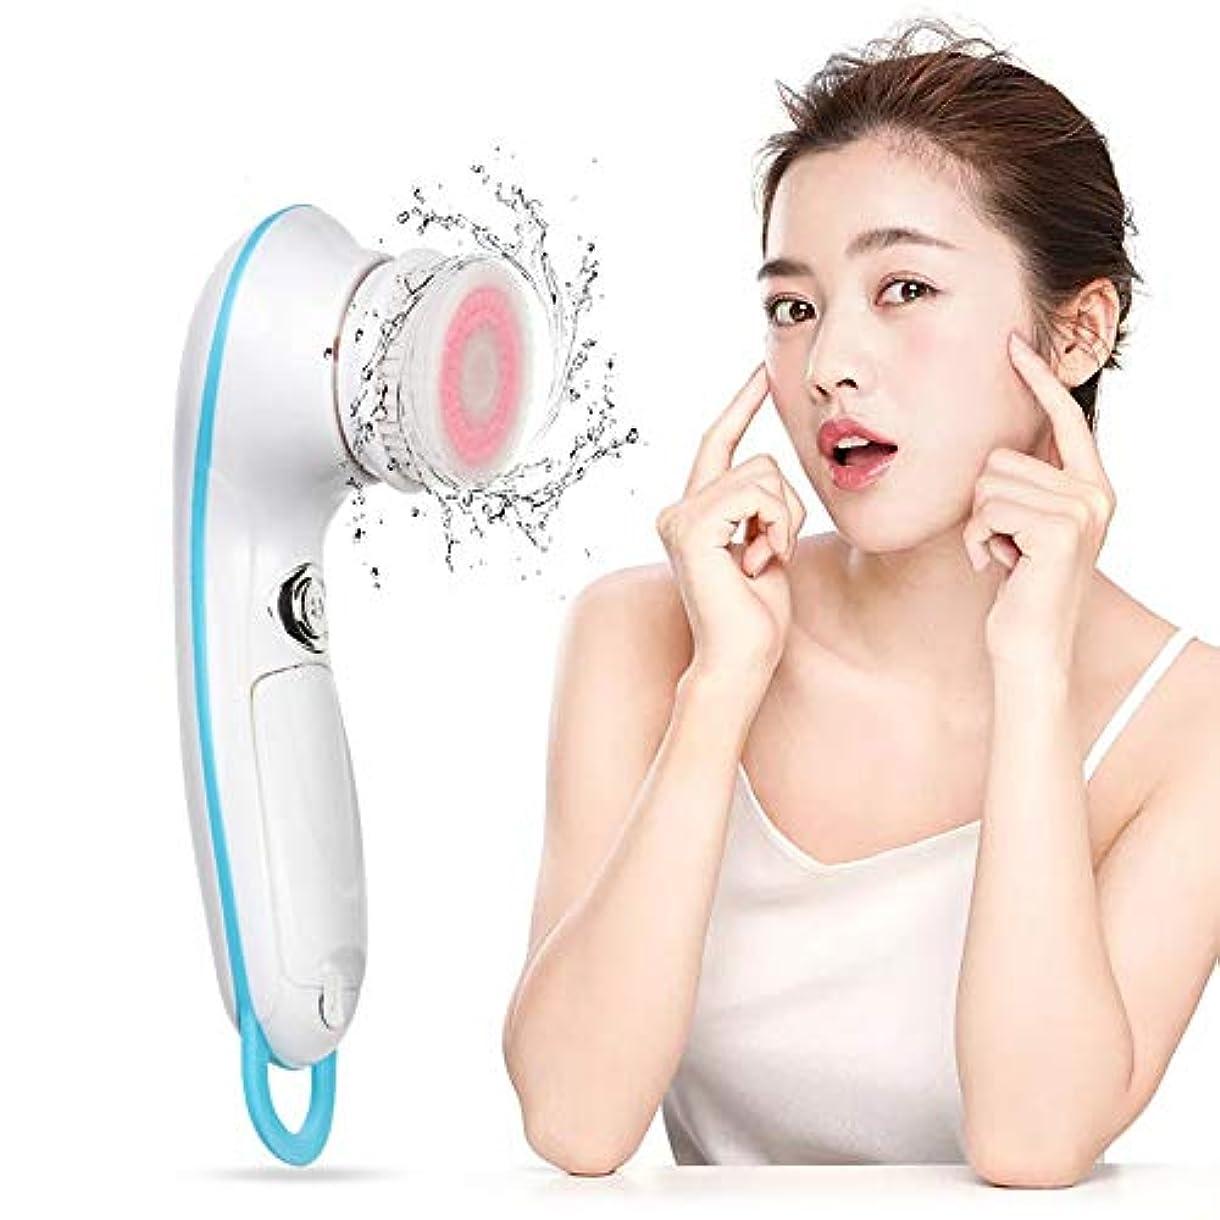 邪魔する原因分解する洗顔は、ブラックヘッドの取り外しとタイマーとのスキンクレンザーメイク除去フェイスマッサージをマッサージ、ディープクレンジング、エクスフォリエイティング用防水、電気ブラシ